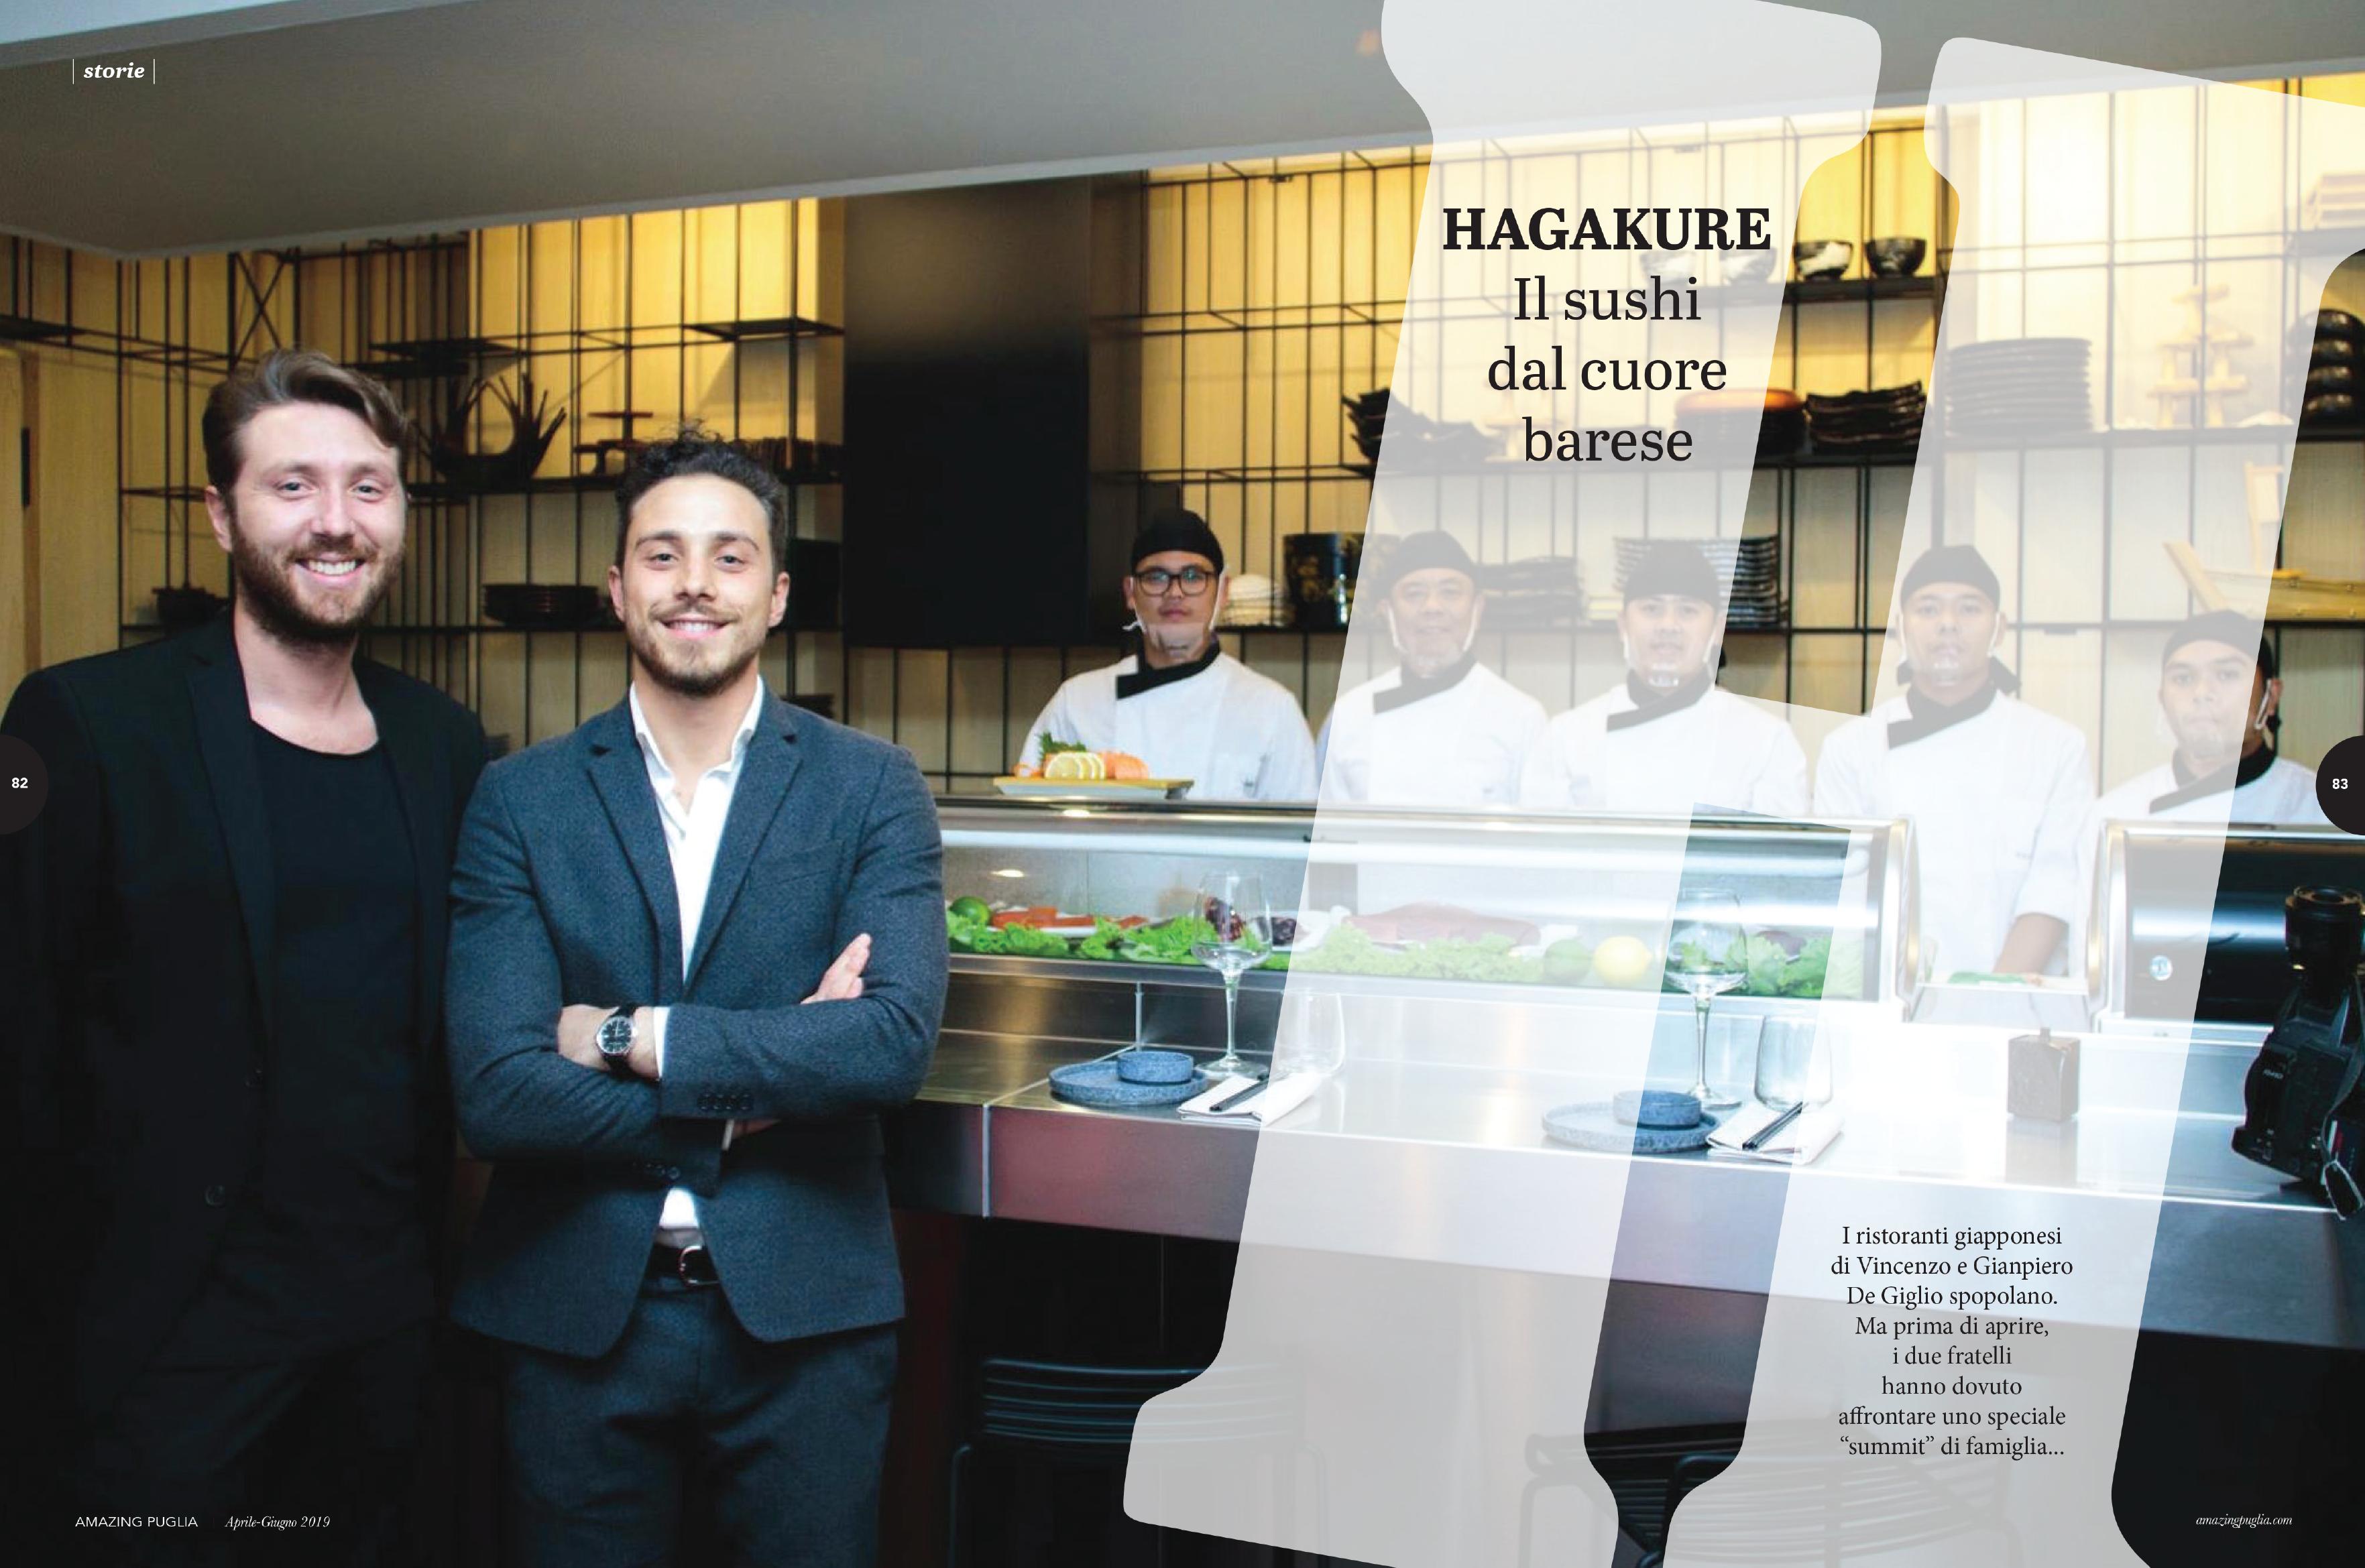 La storia di Hagakure sul magazine Amazing Puglia